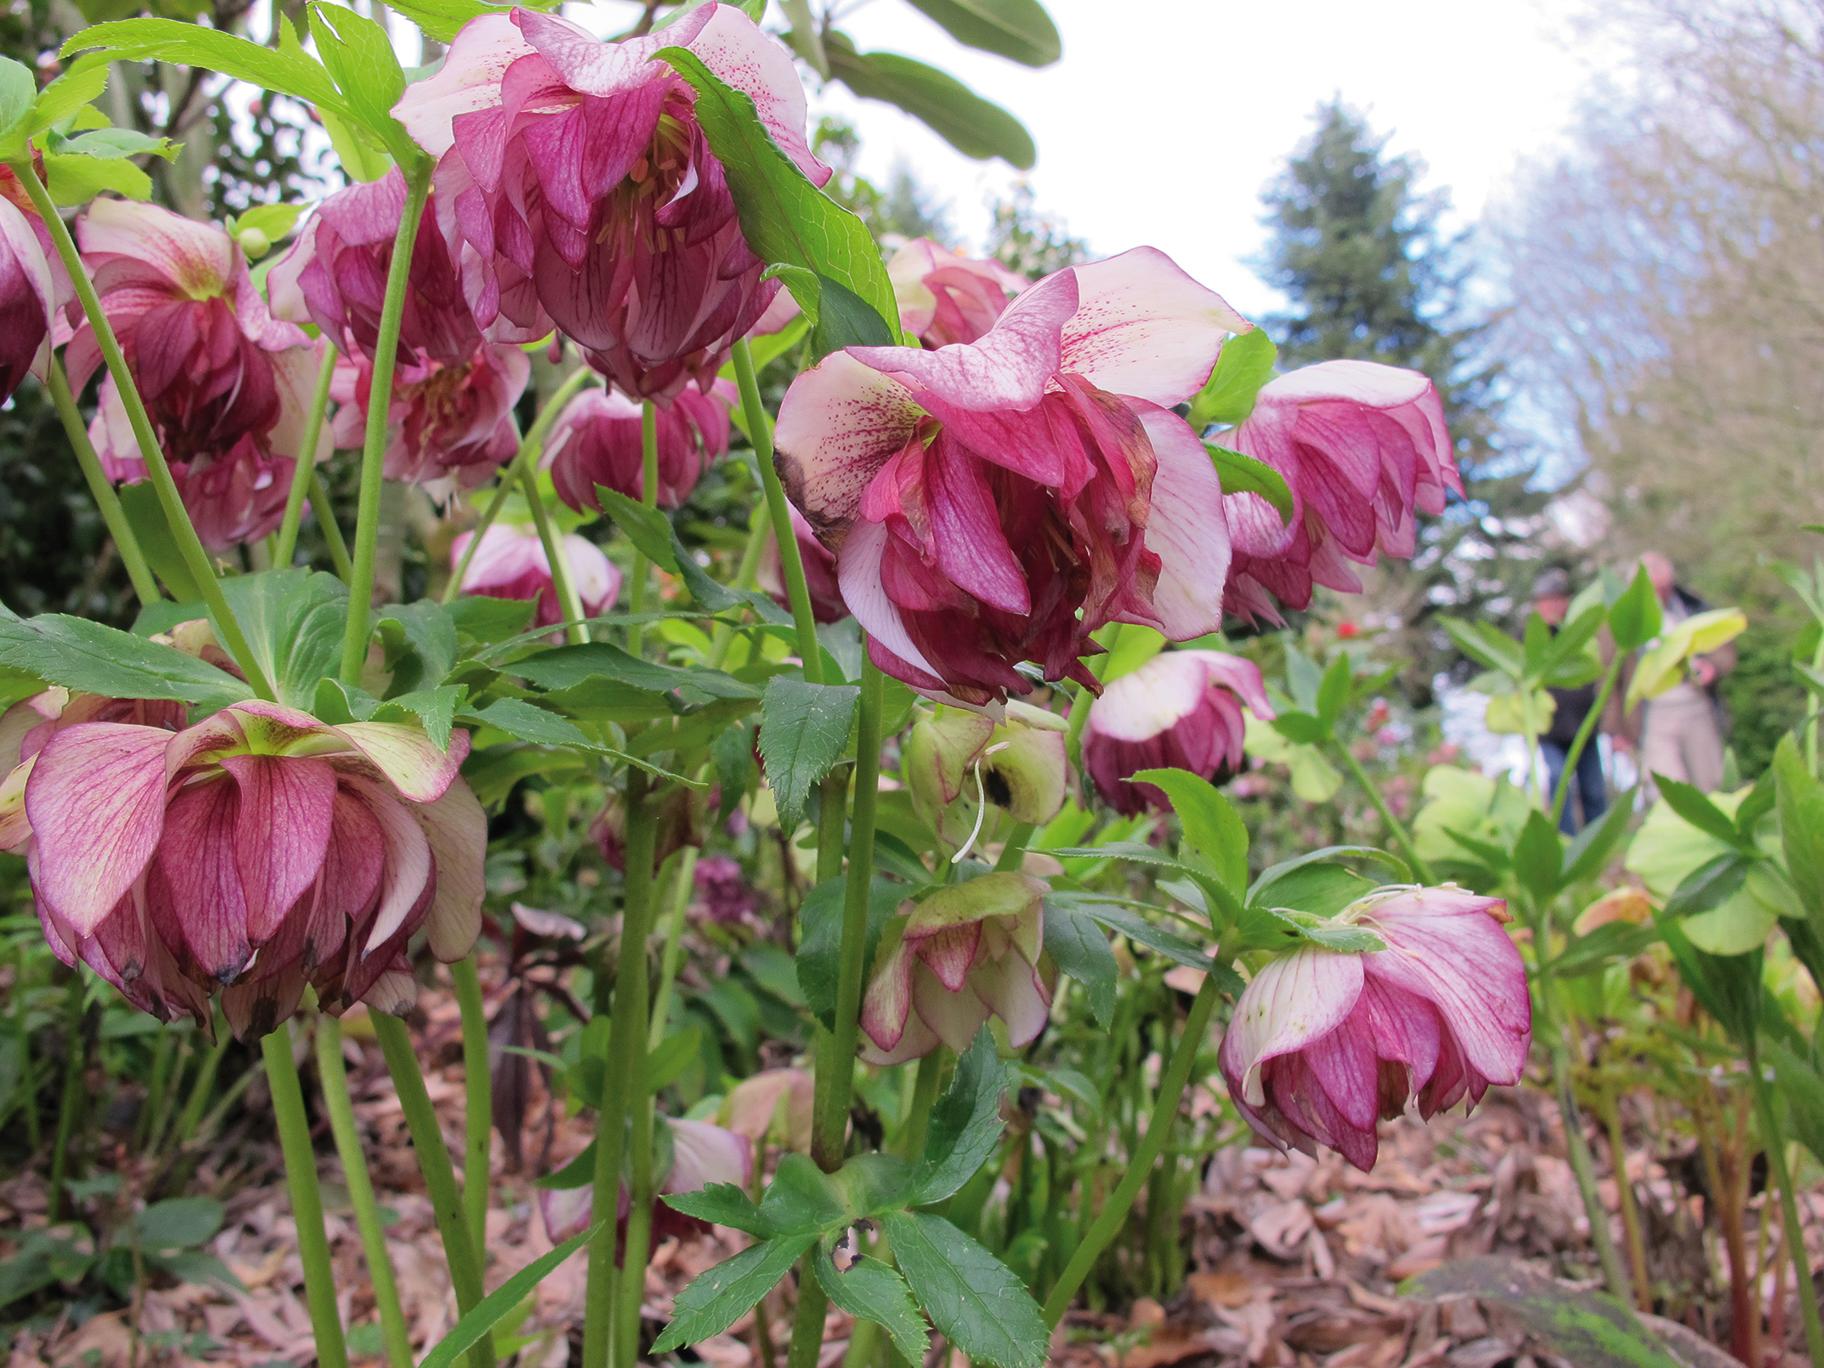 Hellebore Rose De Noel Entretien surprises végétales hivernales aux floraisons